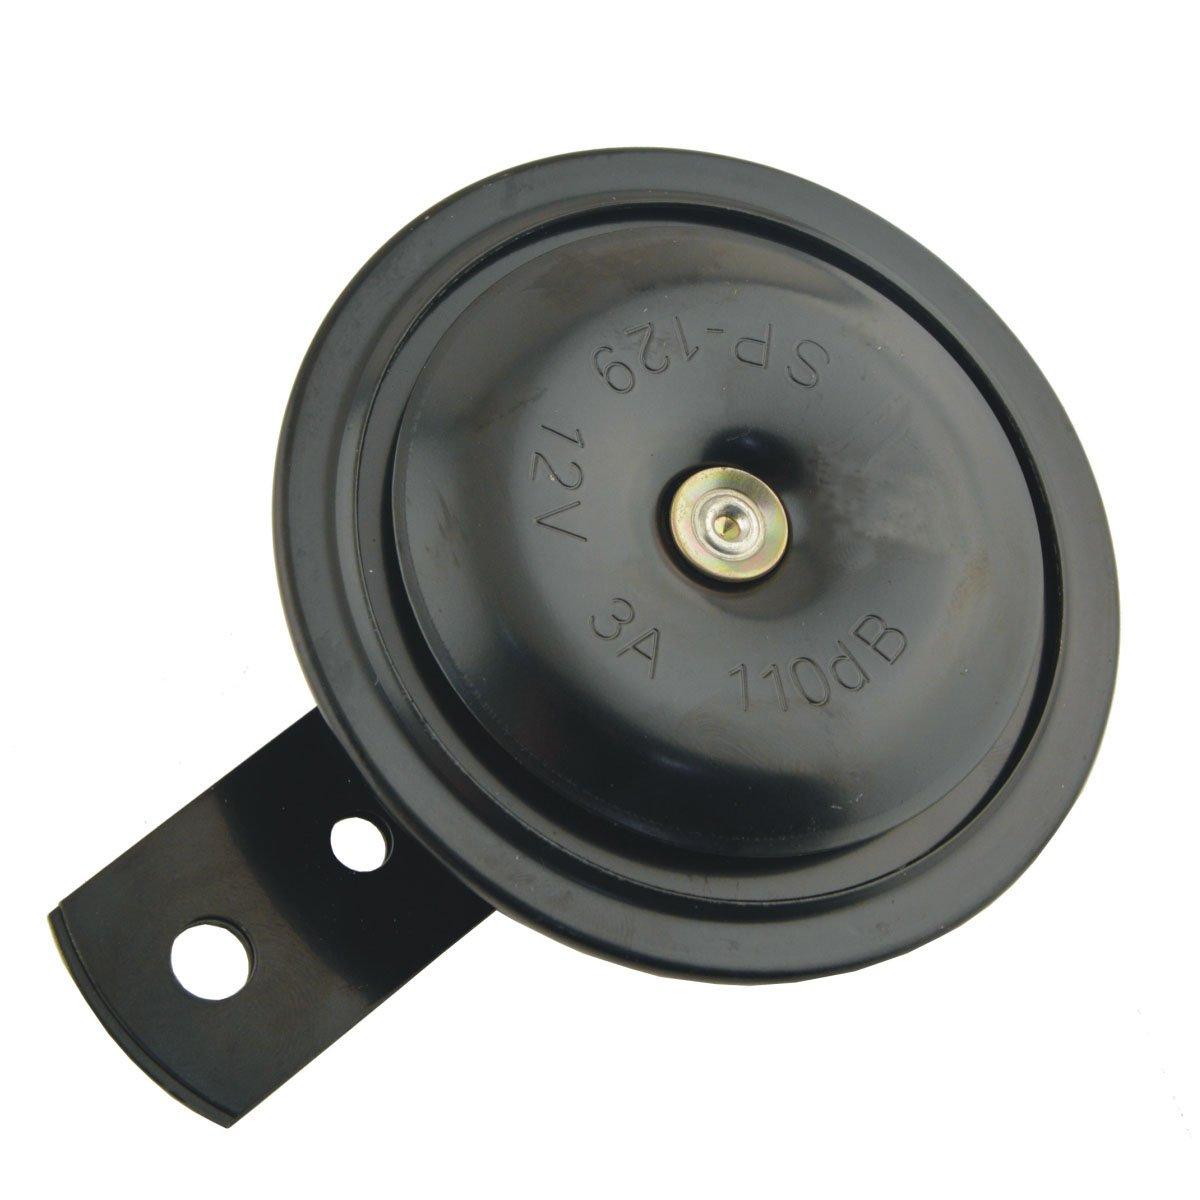 SaiDeng Motorbike Vehicle Car Metal DC 12V 3A 110dB Warn Loud Horn Trumpet CS1221-Black Universal Waterproof Round Loud Horn Speaker